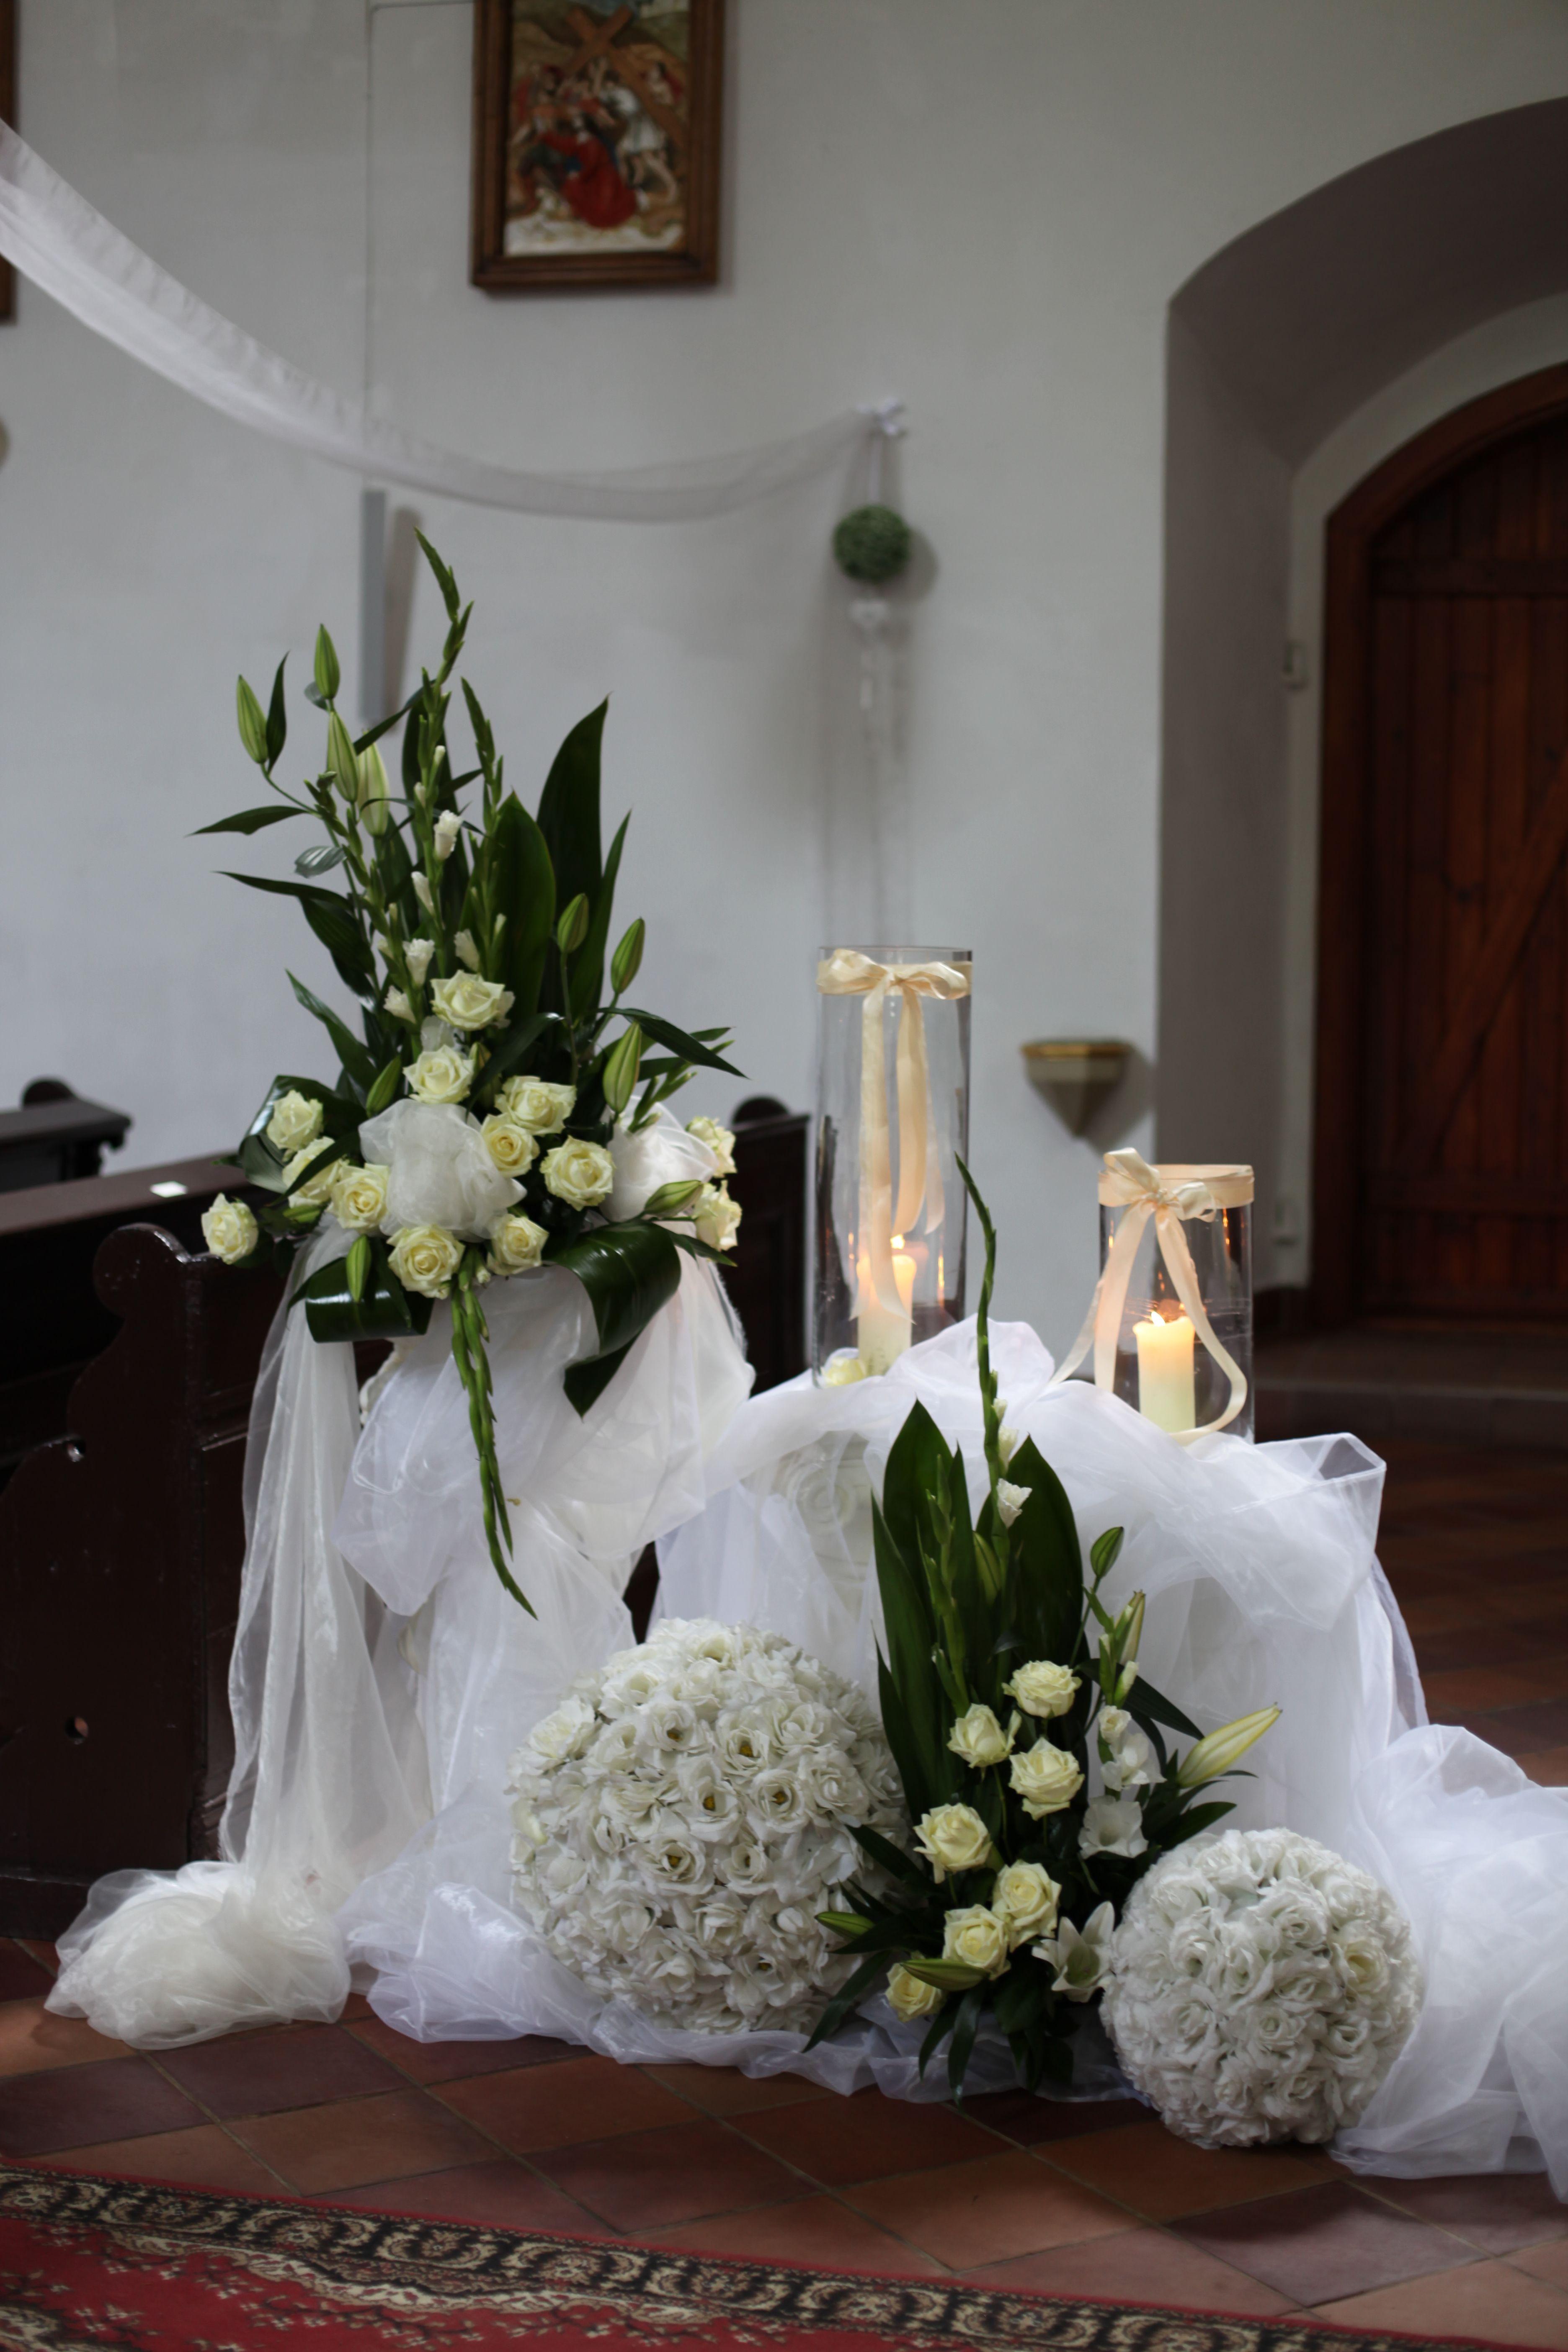 All white church wedding decor Wedding decorations Poland Church Kadyny  Weddings  Pinterest